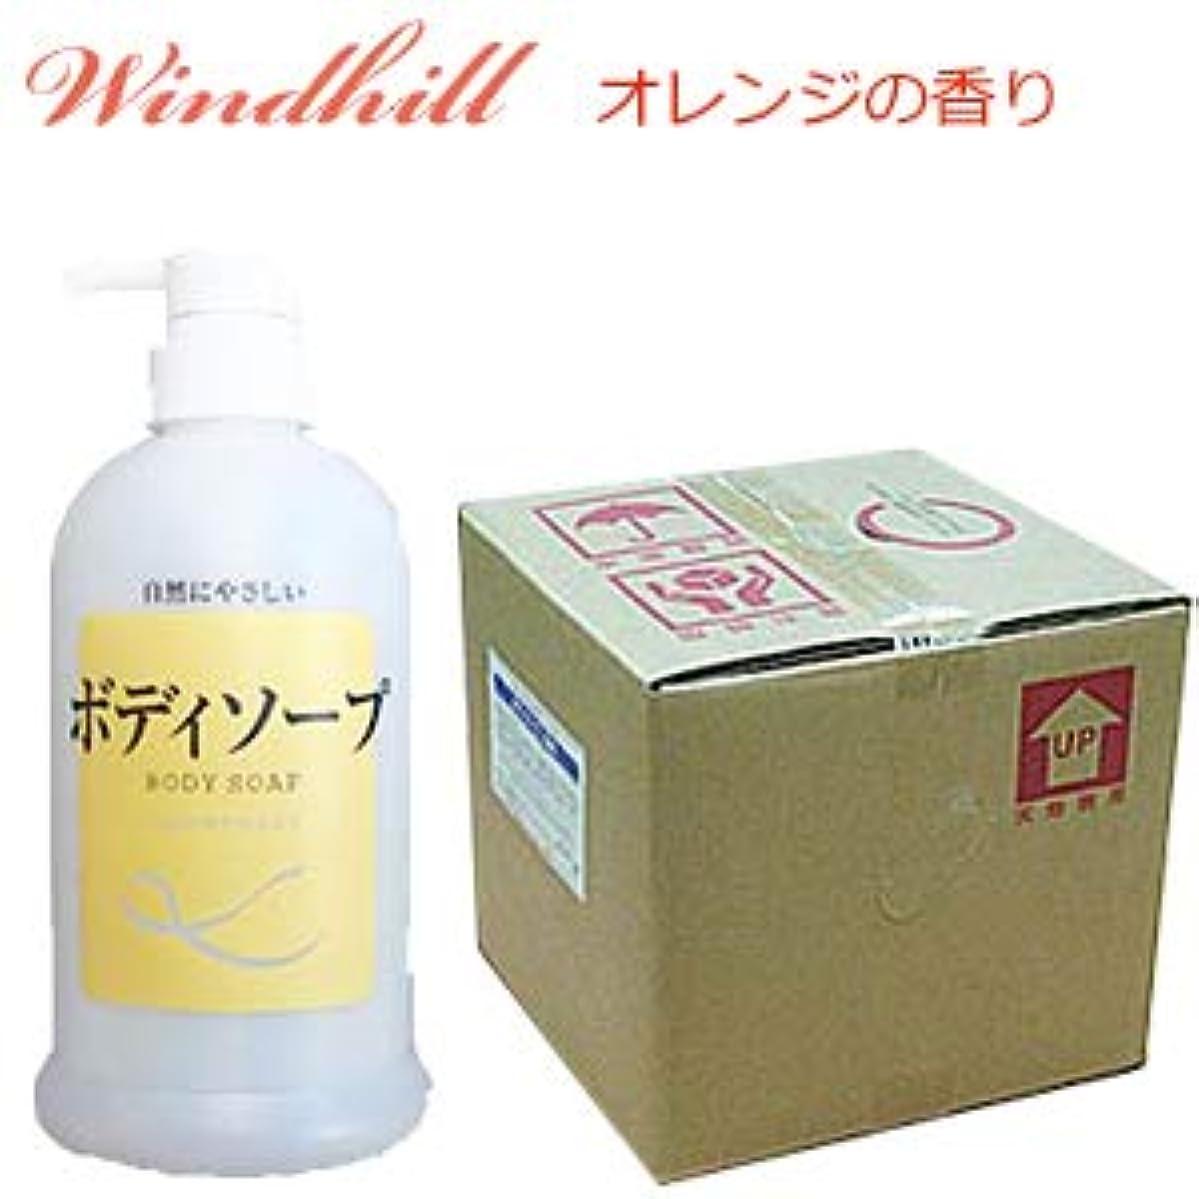 守る長方形課税Windhill 植物性 業務用ボディソープオレンジの香り 20L(1セット20L入)